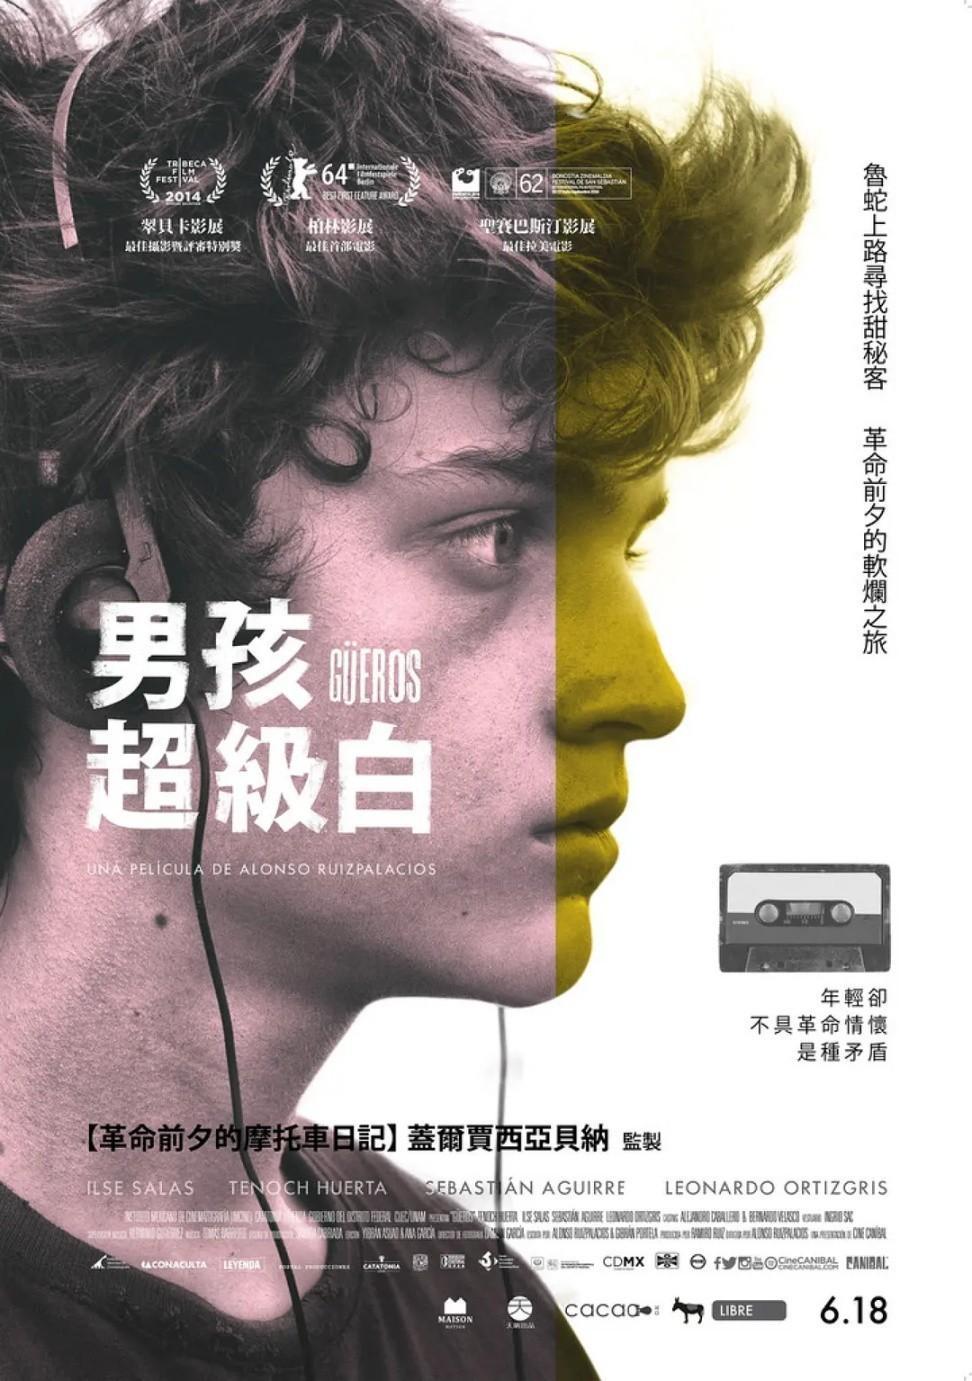 男孩超级白 电影海报